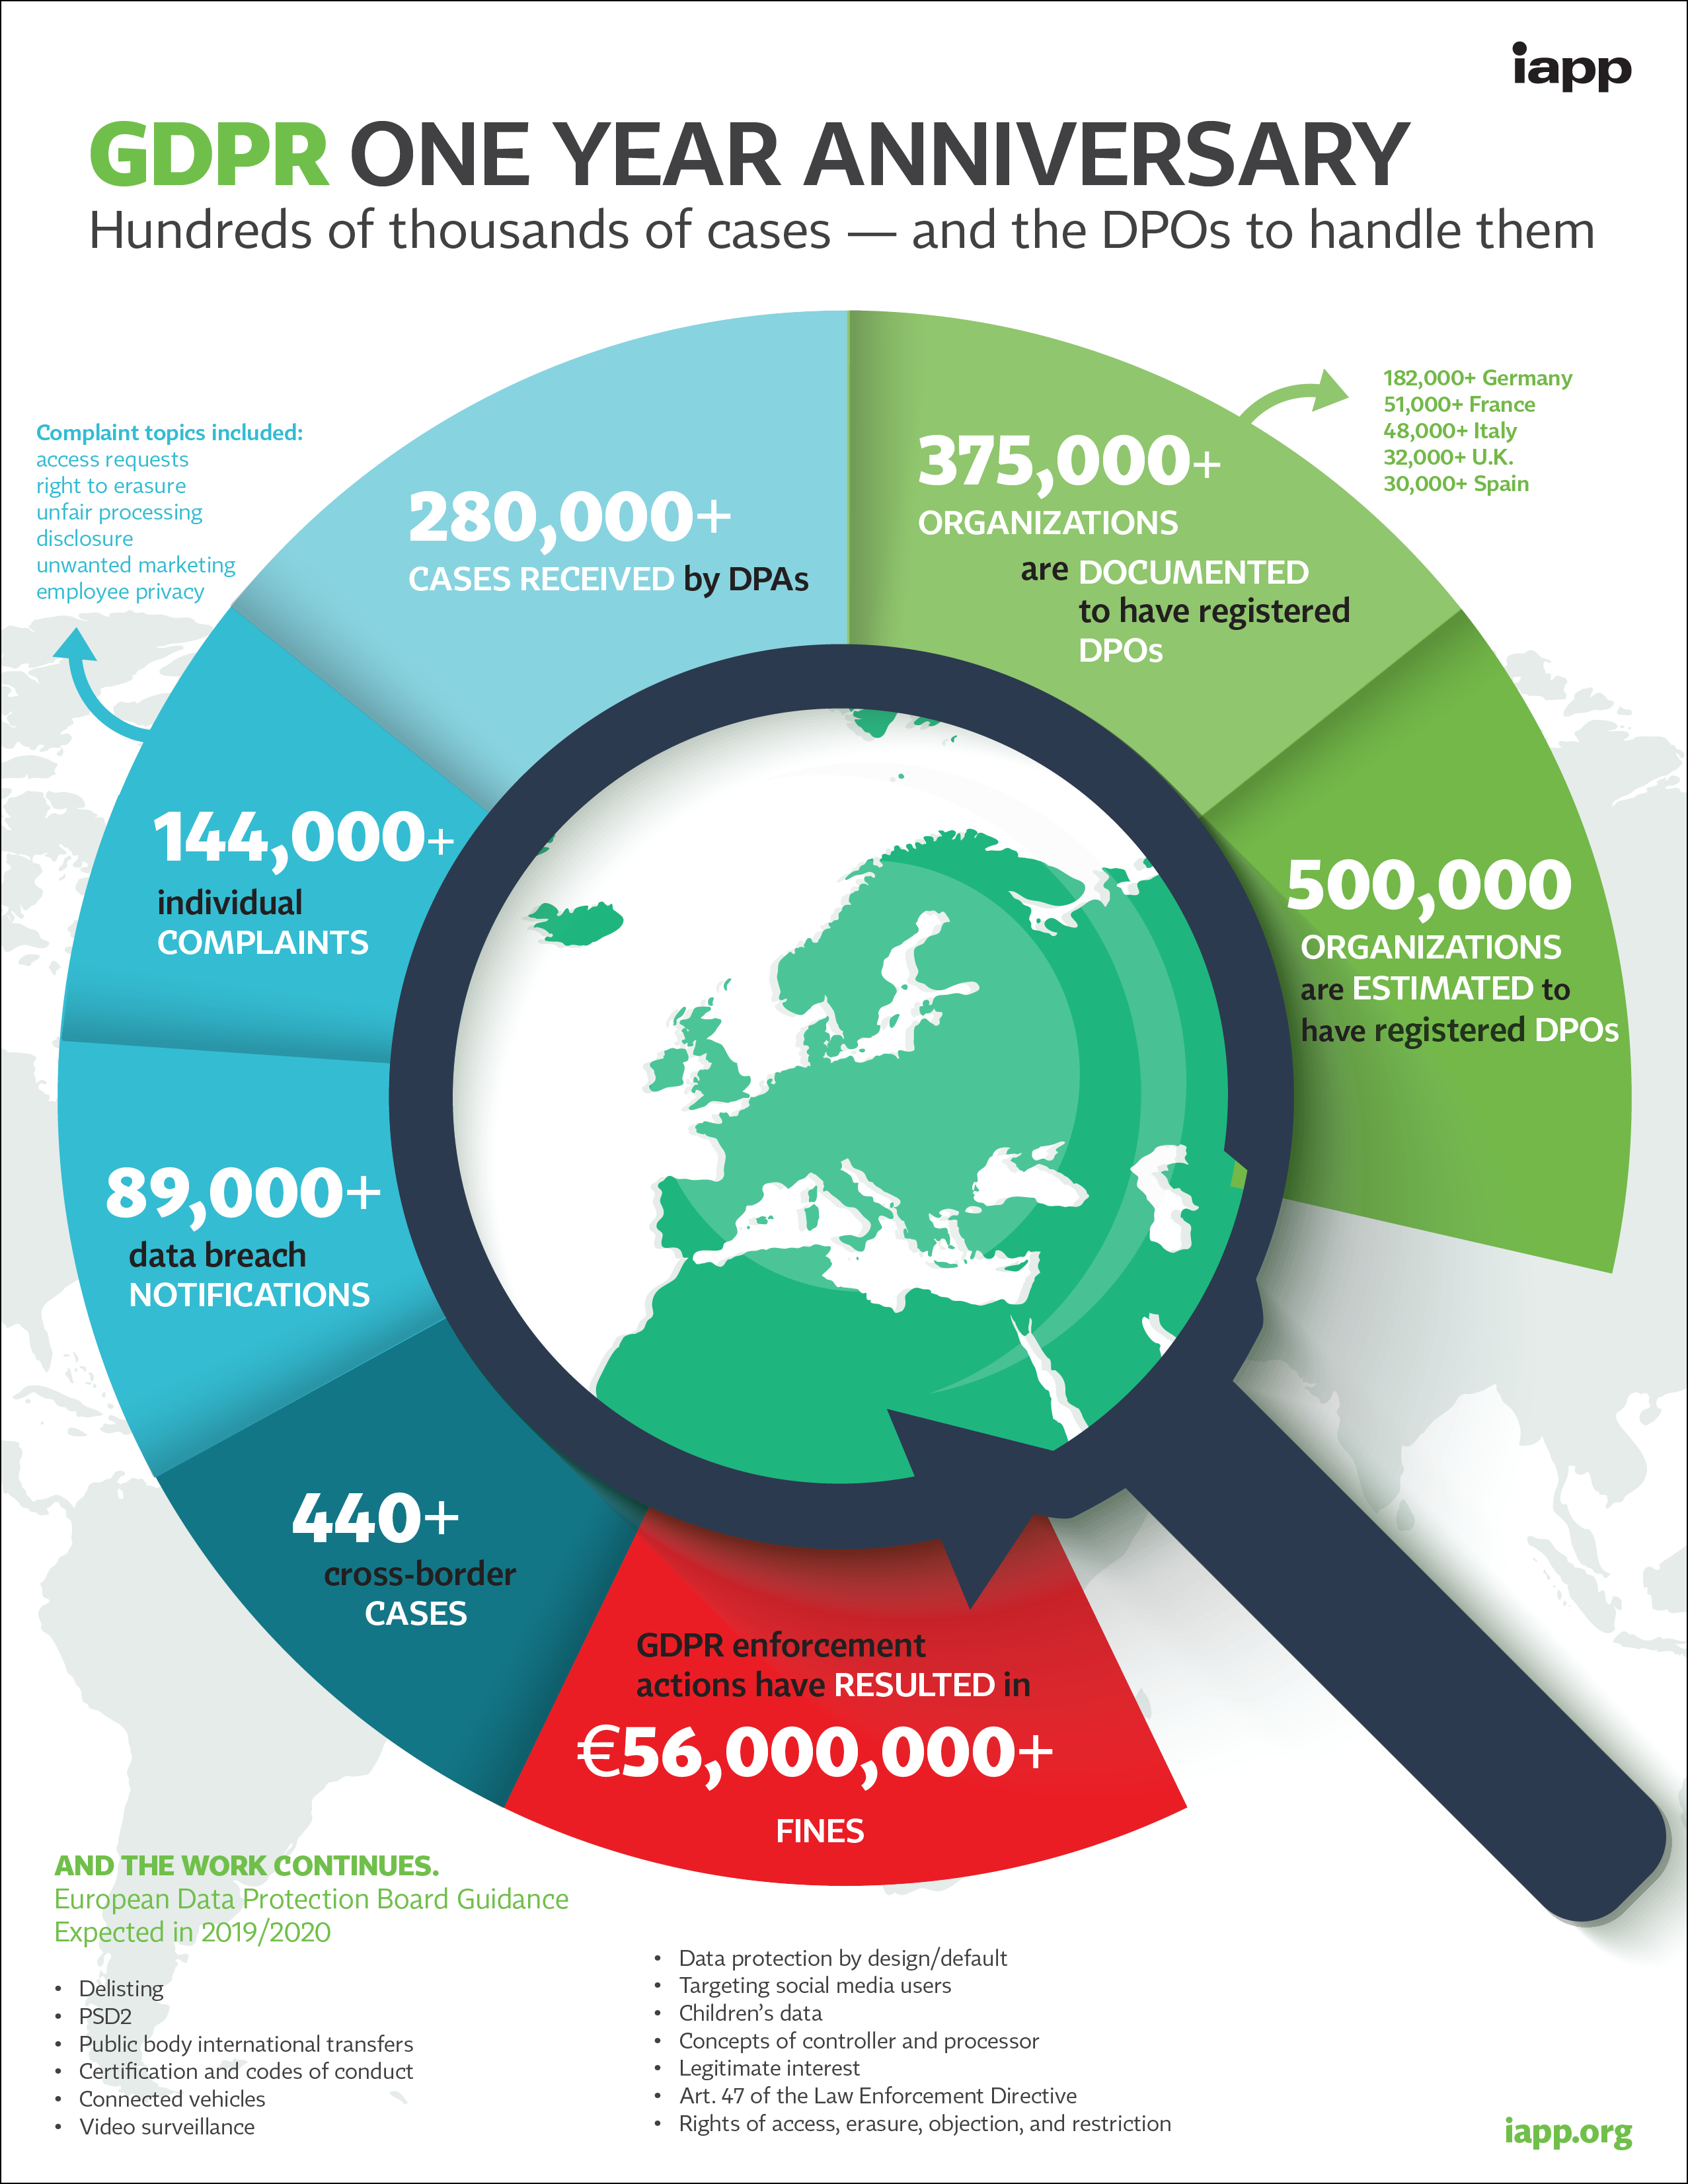 eu data protection law enforcement directive - 729×942